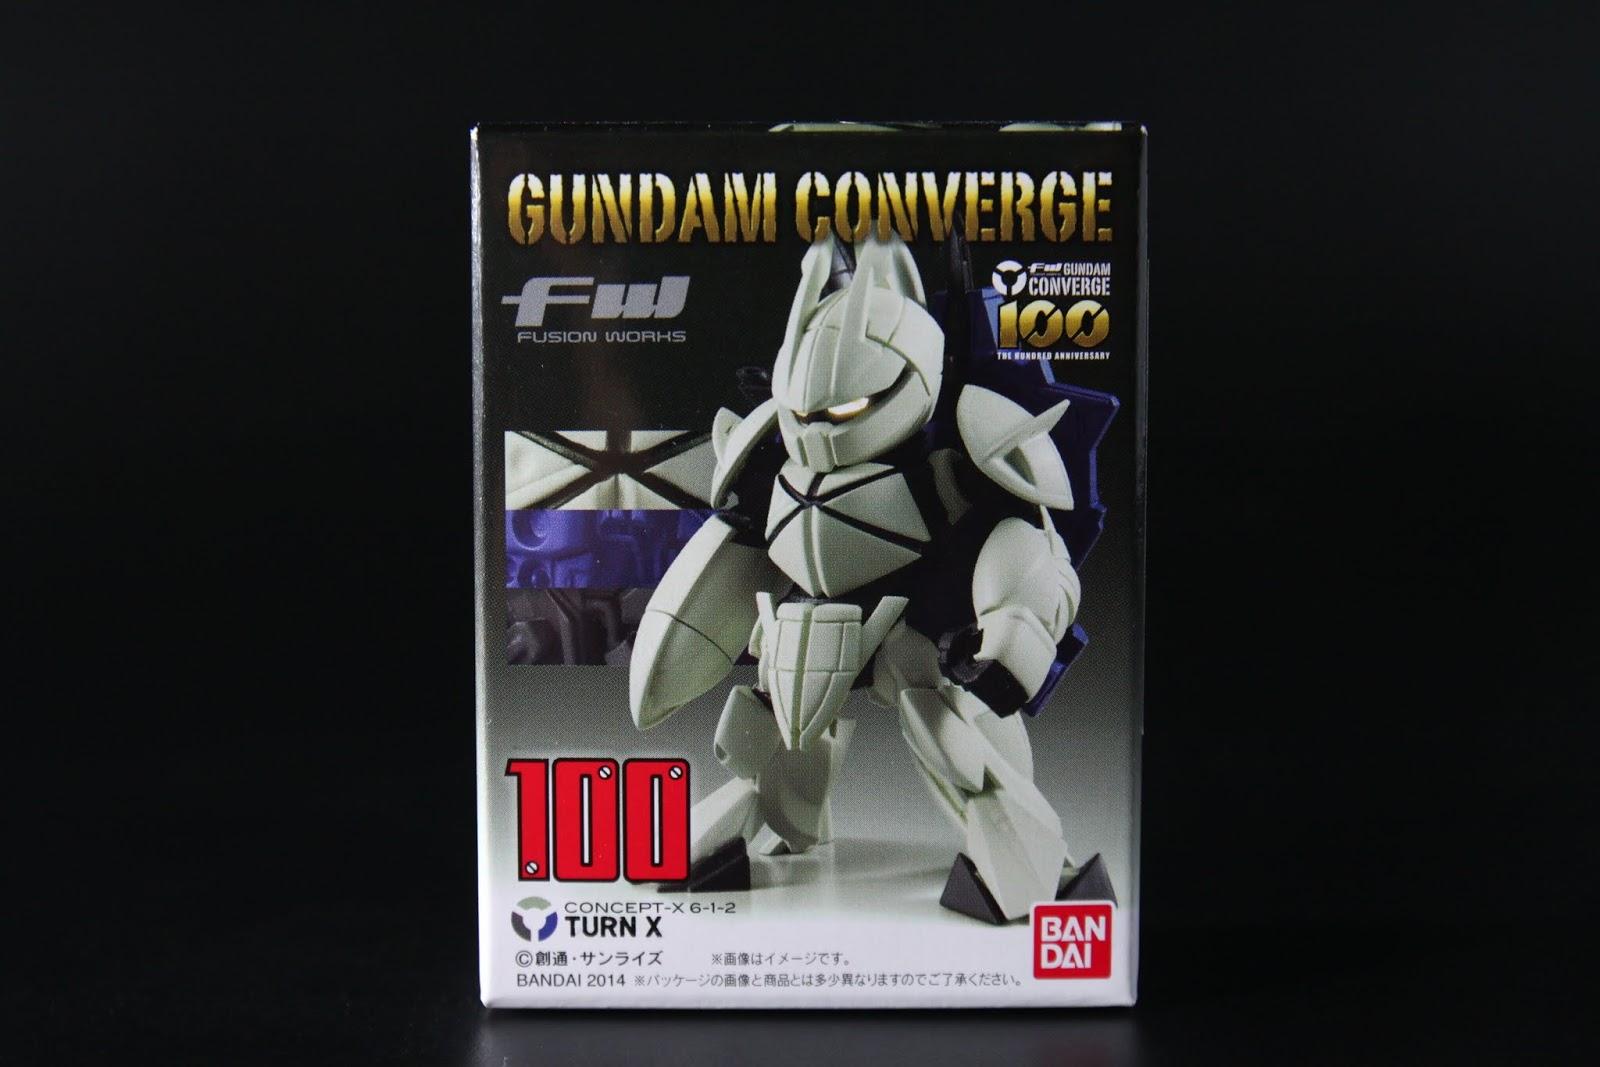 慶祝本罰站系列編號第100台!CONCEPT-X6-1-2,TURN X